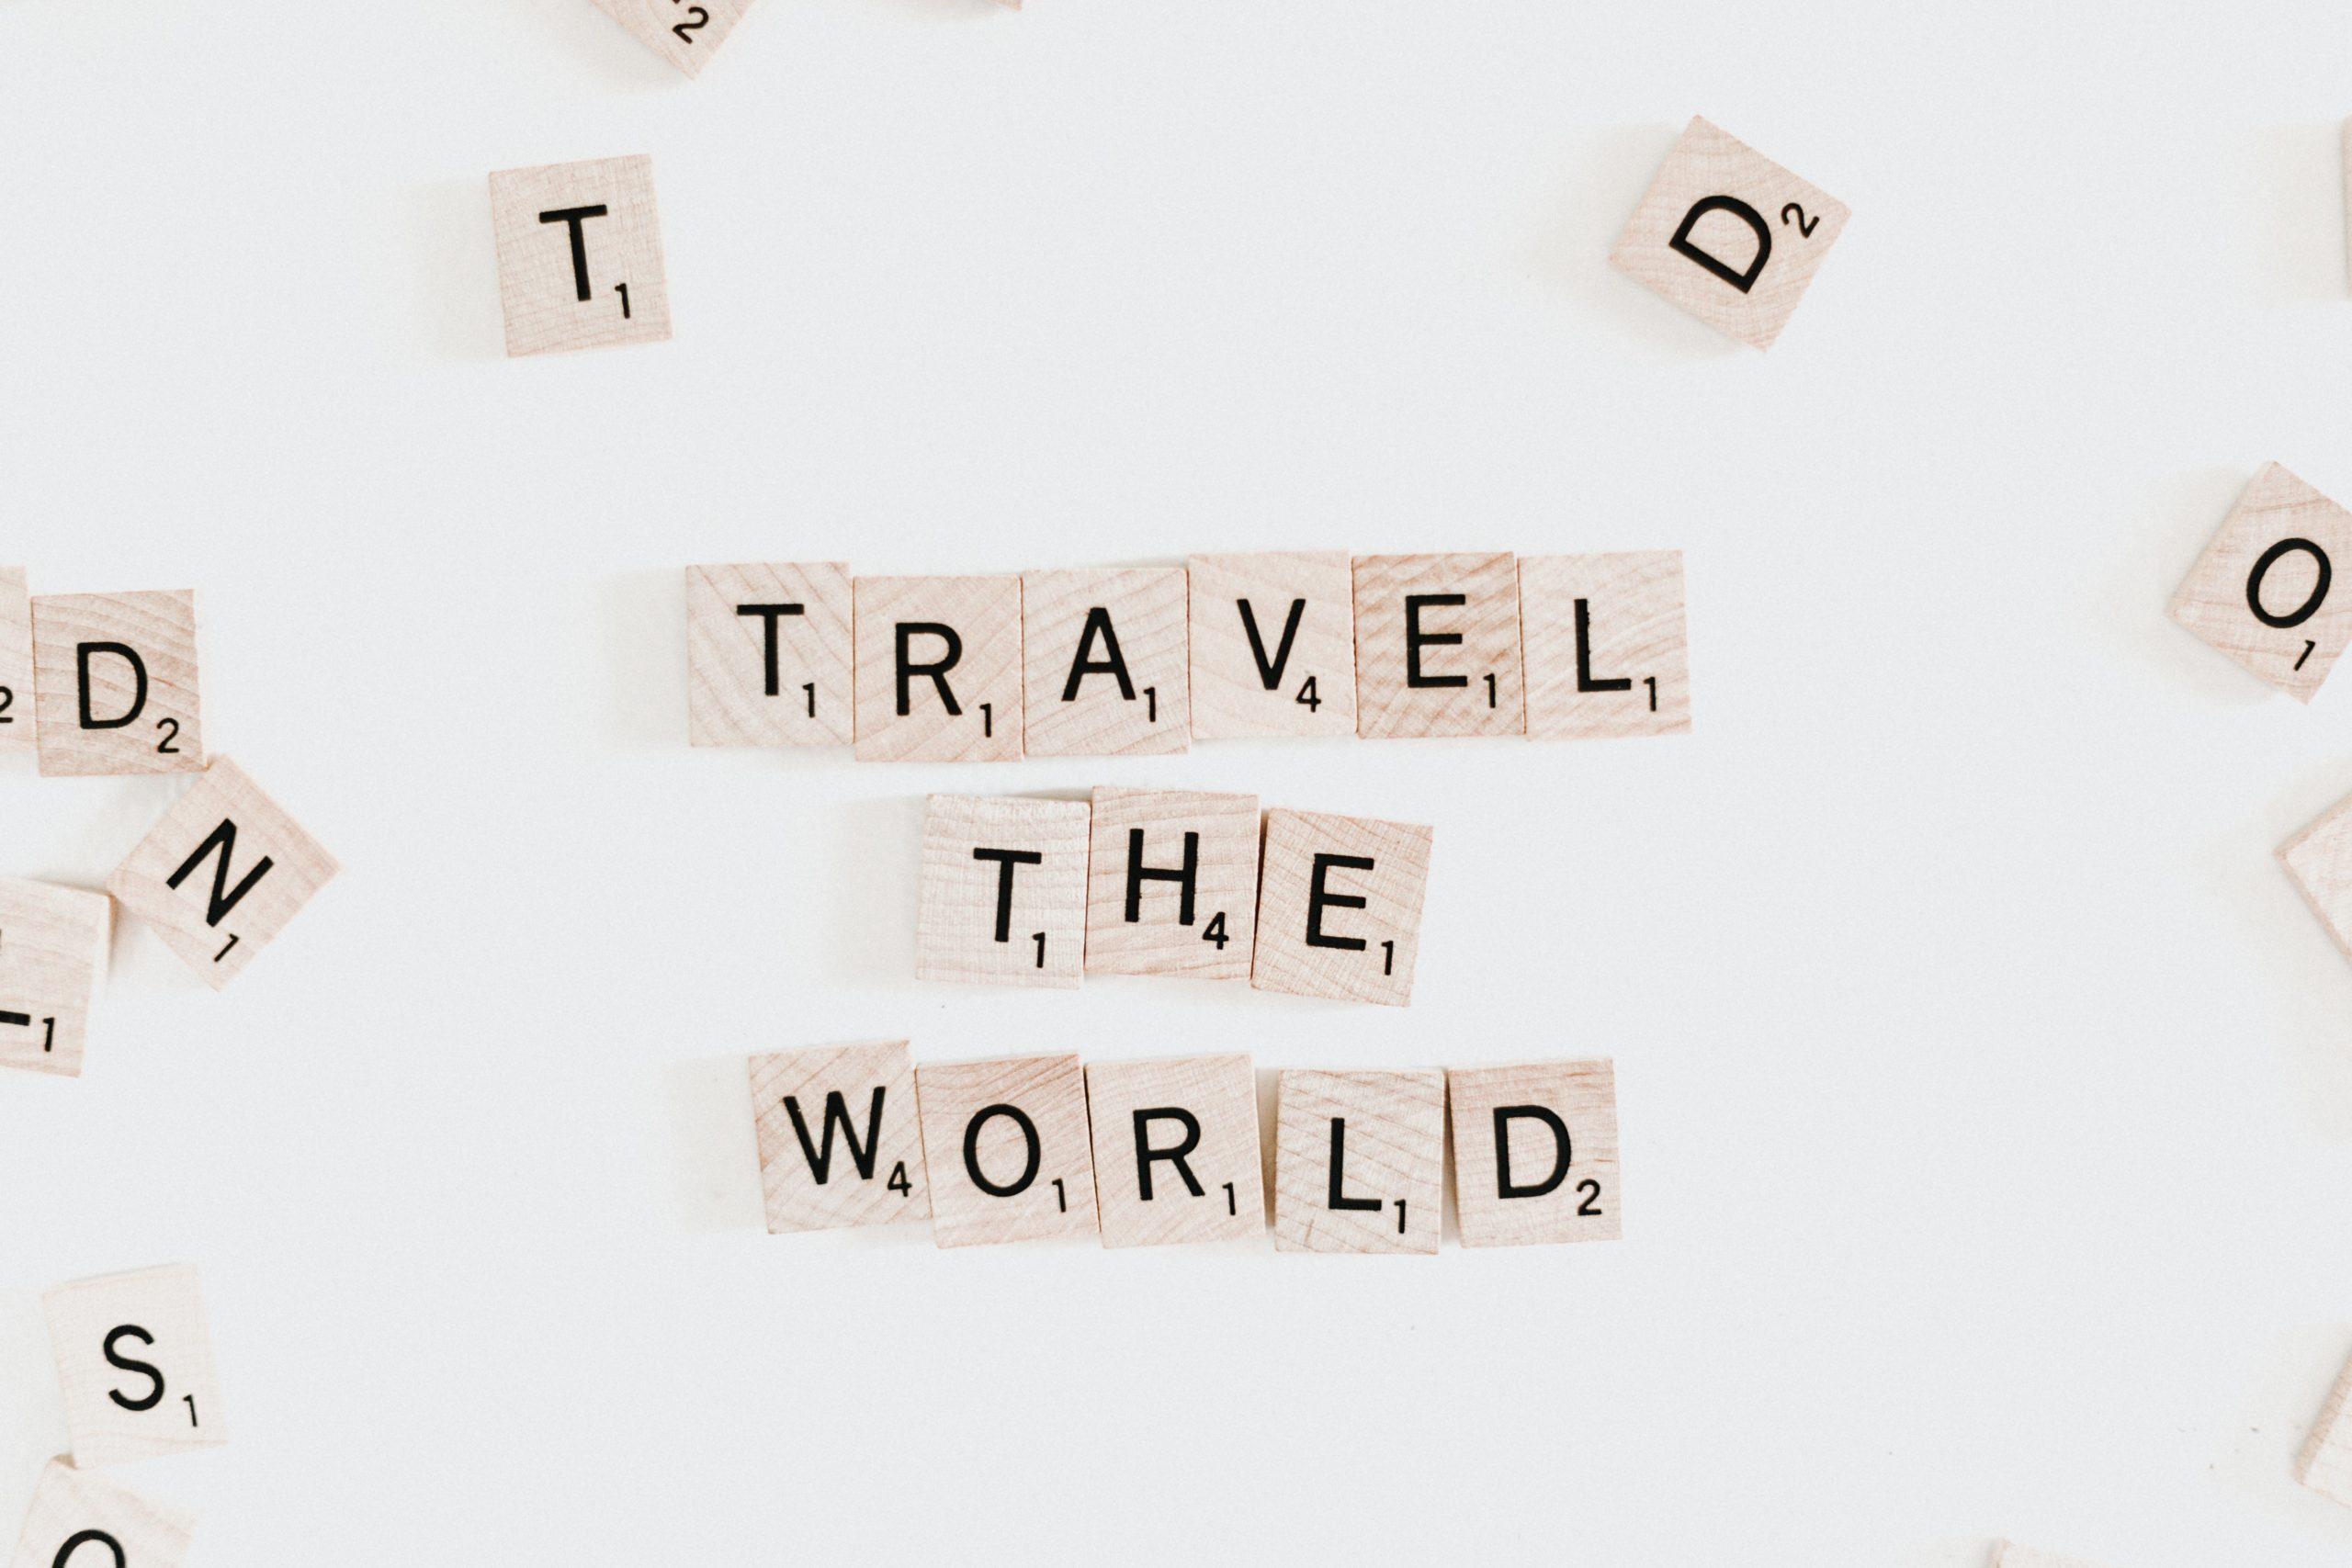 海外旅行で起きたトラブルと対応策を実体験をベースに解説【事前準備の大切さを実感】